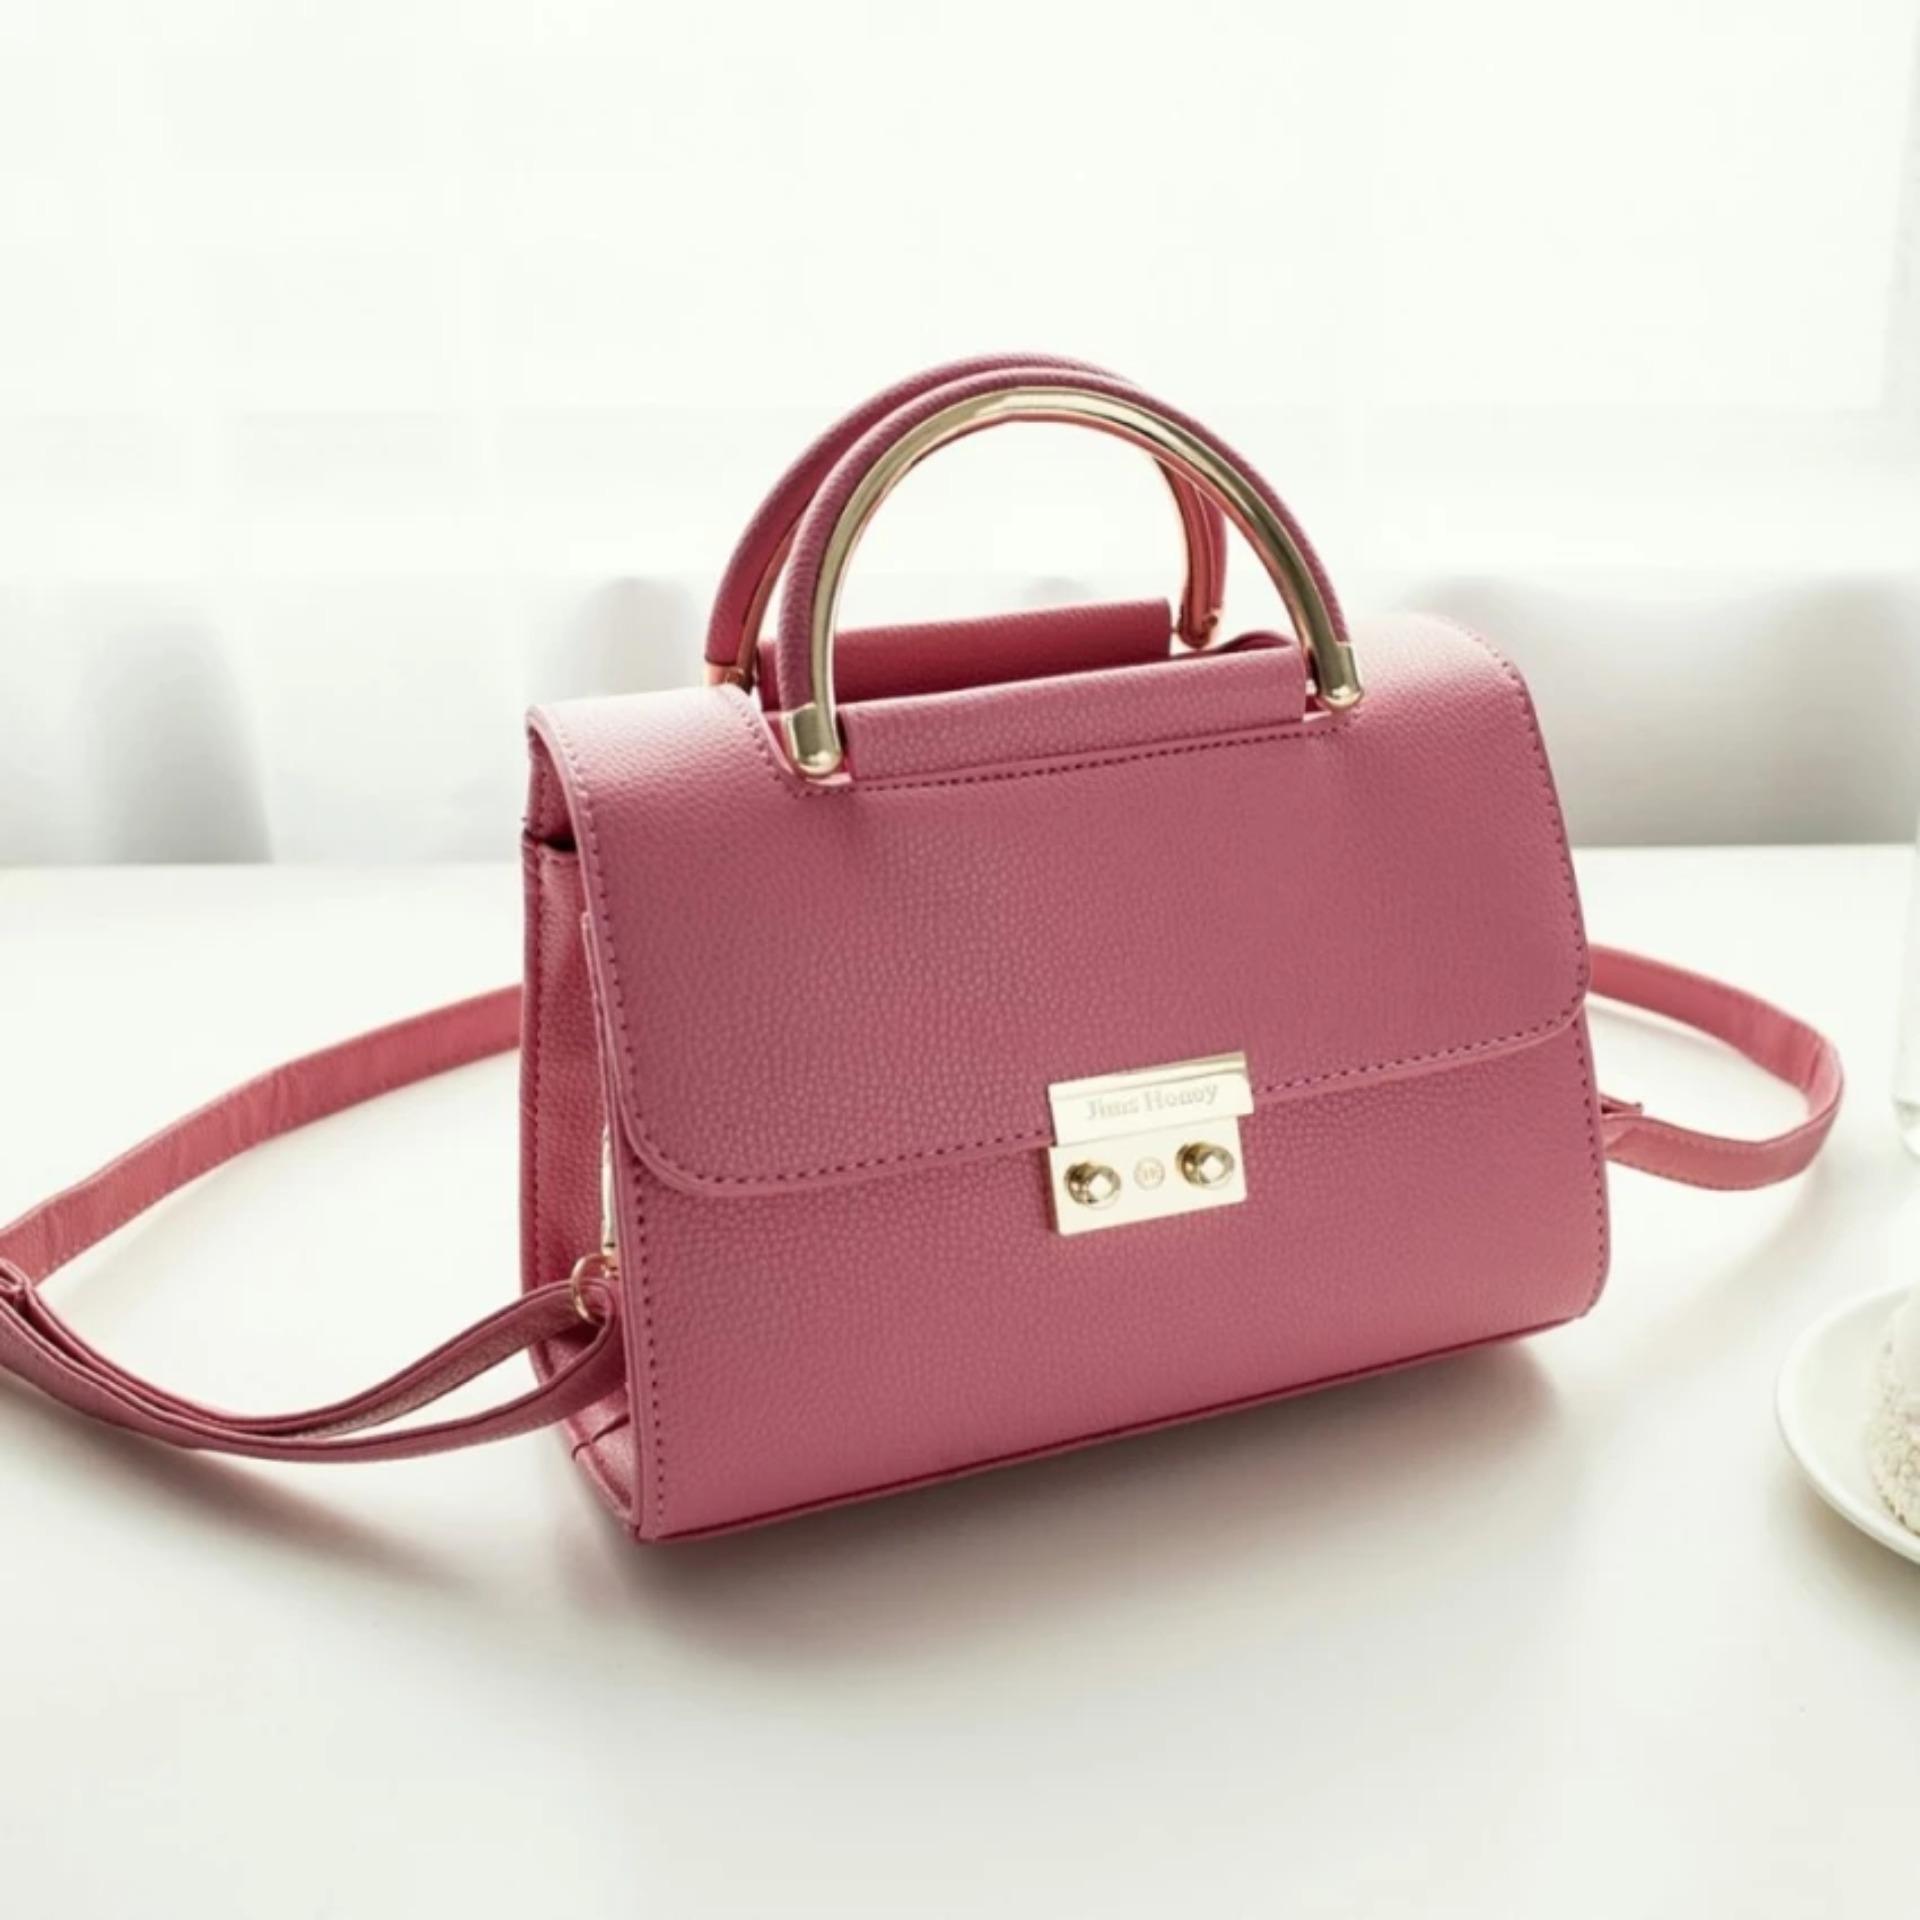 Jual Tas Selempang Wanita Jimshoney Zoey Bag Pink Branded Murah